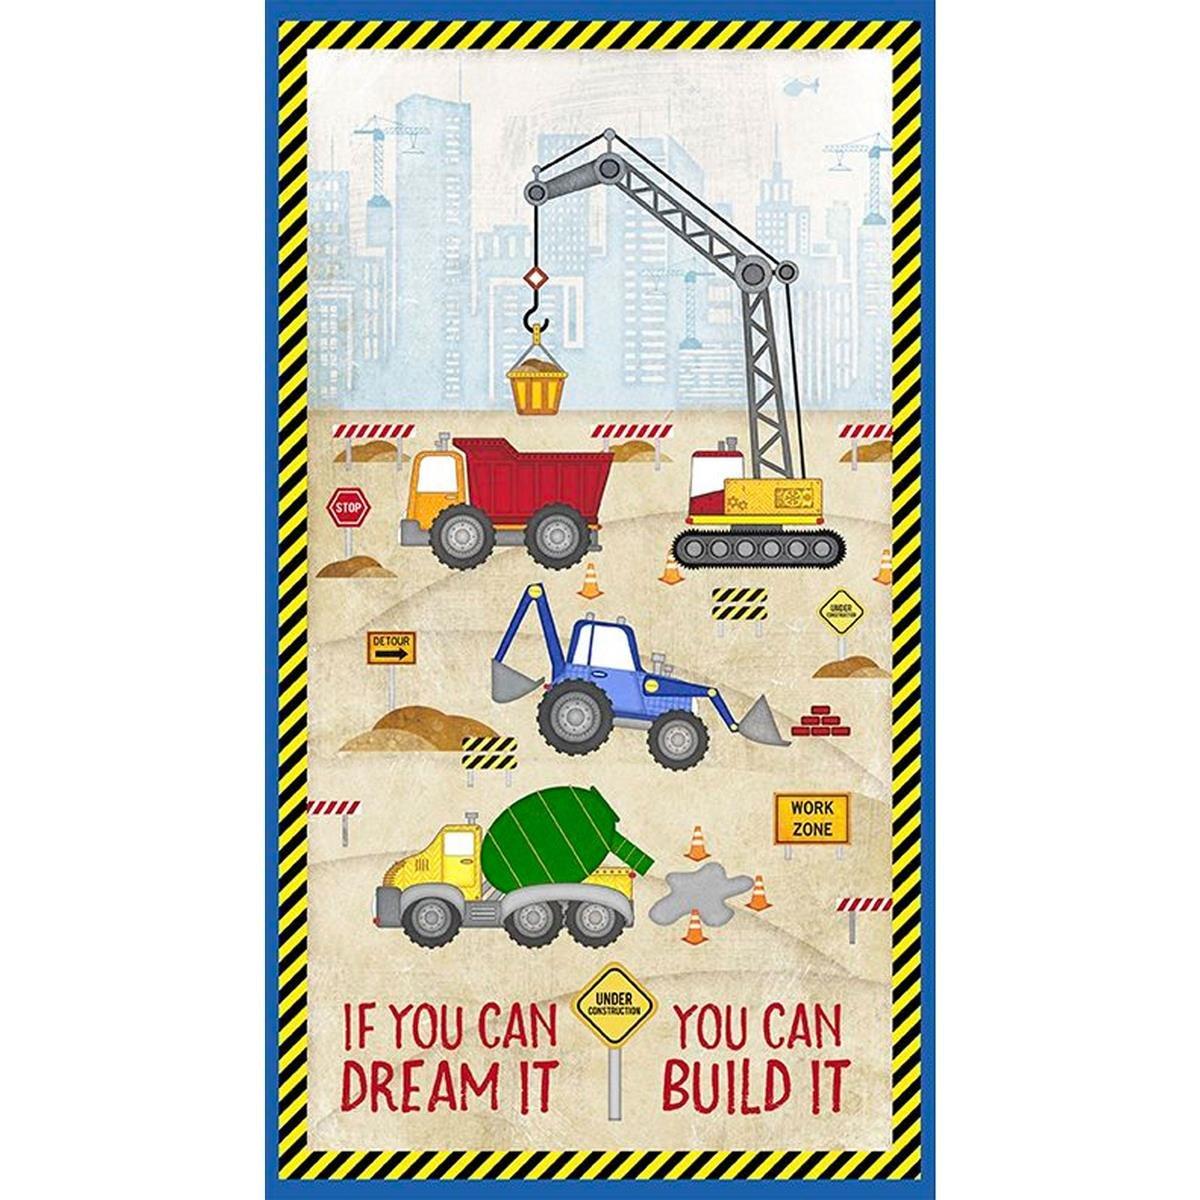 Building Dreams Panel